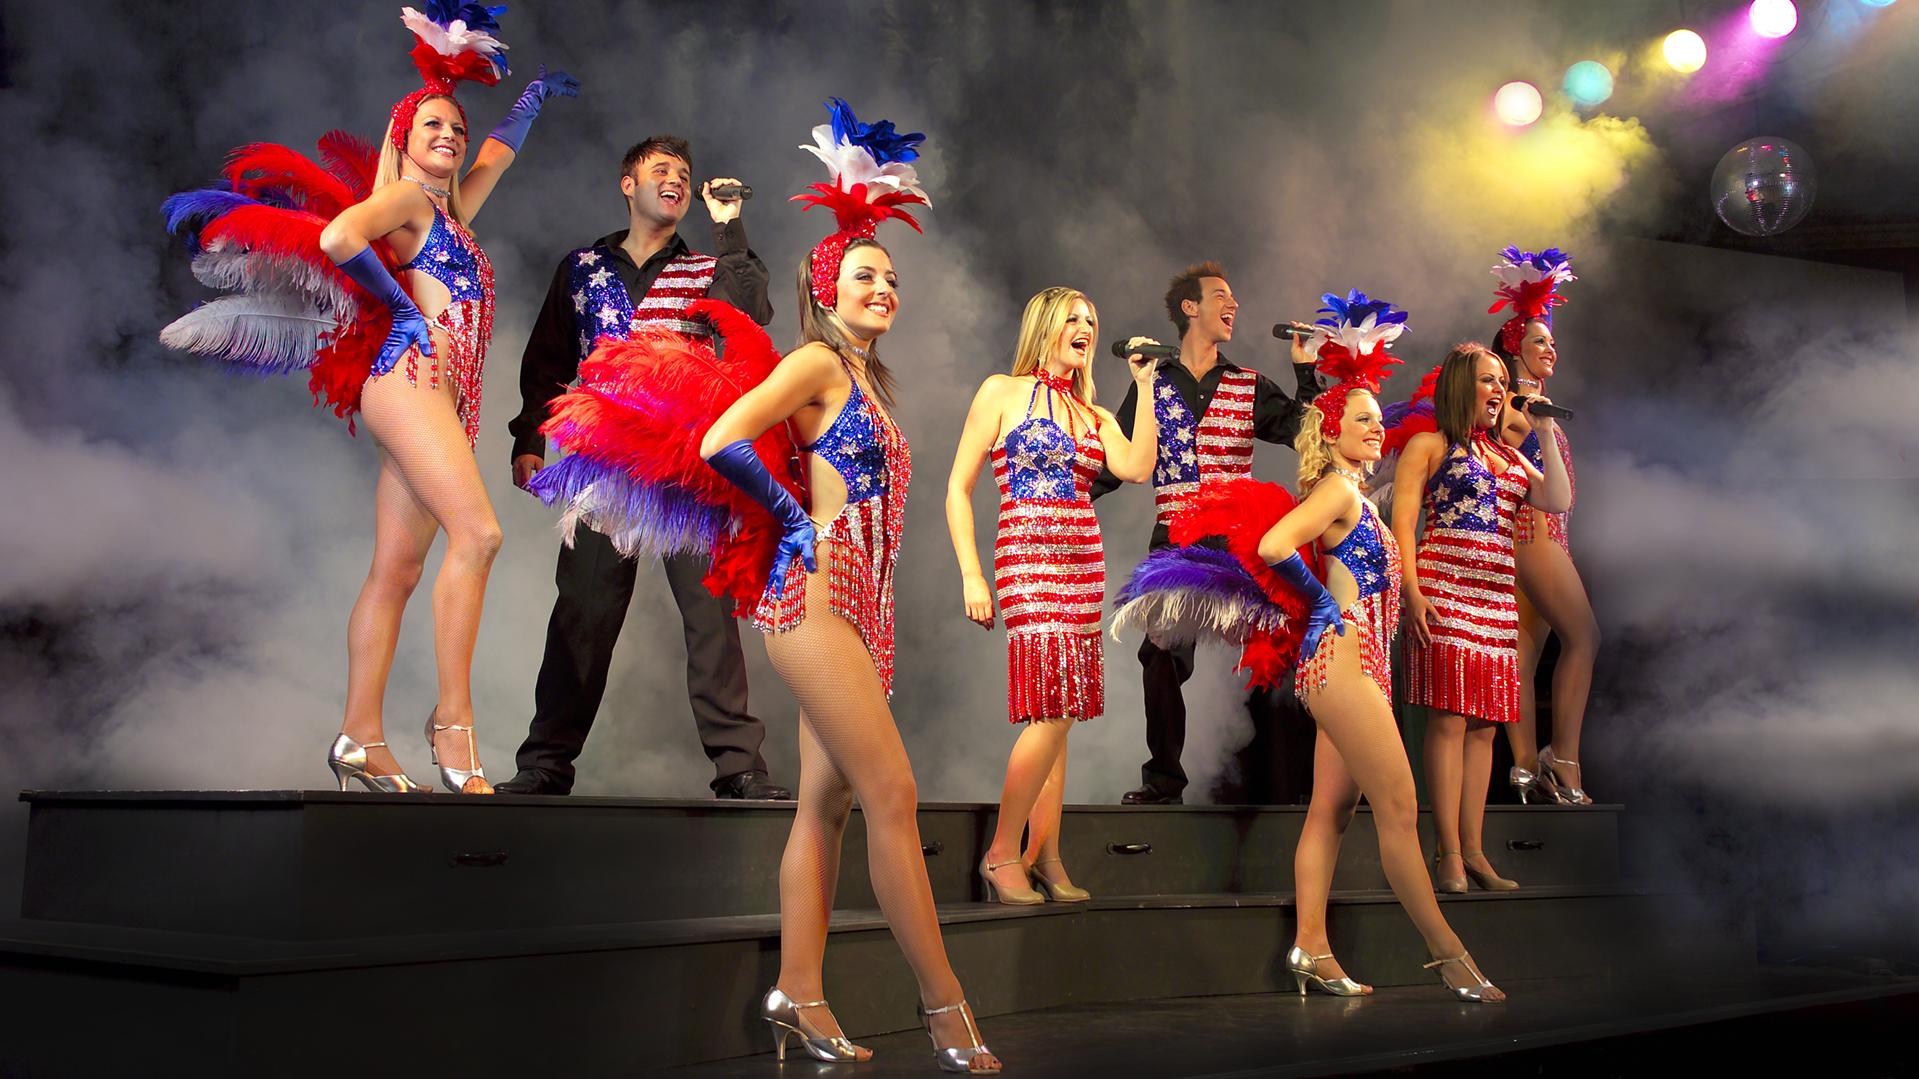 Captain(ess) Chorus Line 10 Explosive Productions at Center Parcs, Penrith.